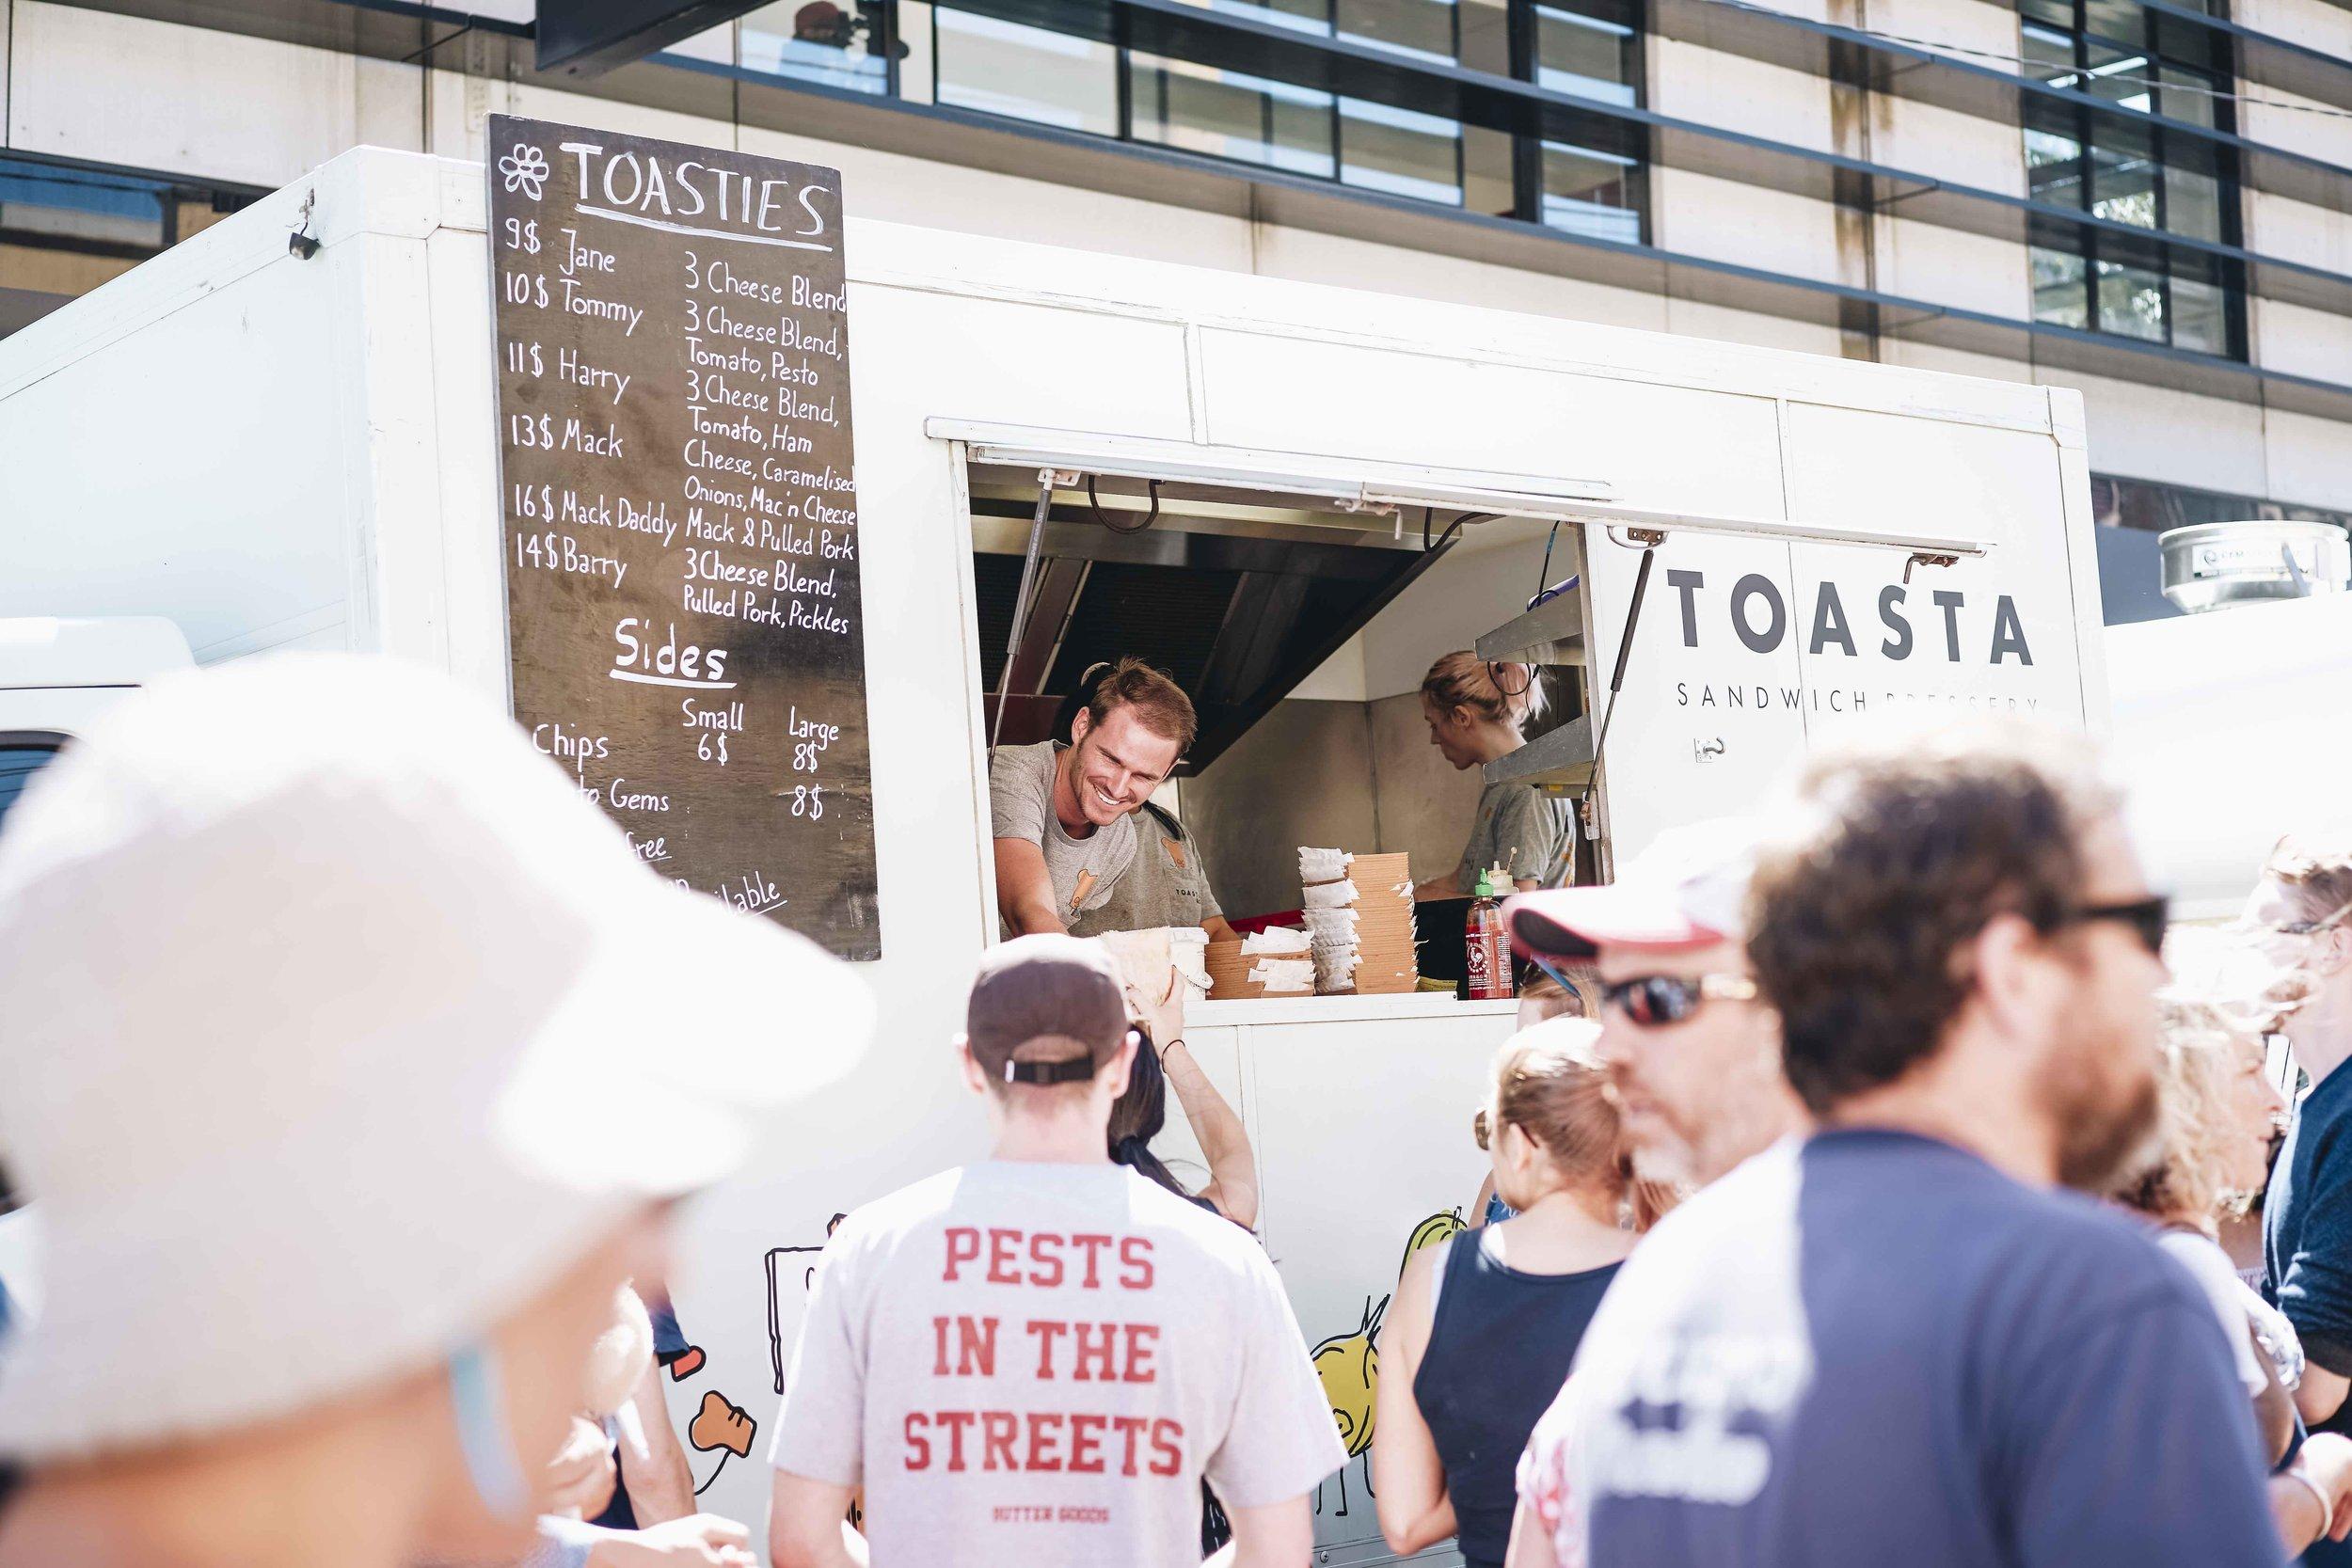 TOASTA Food TruckSAMPLE MENU* -